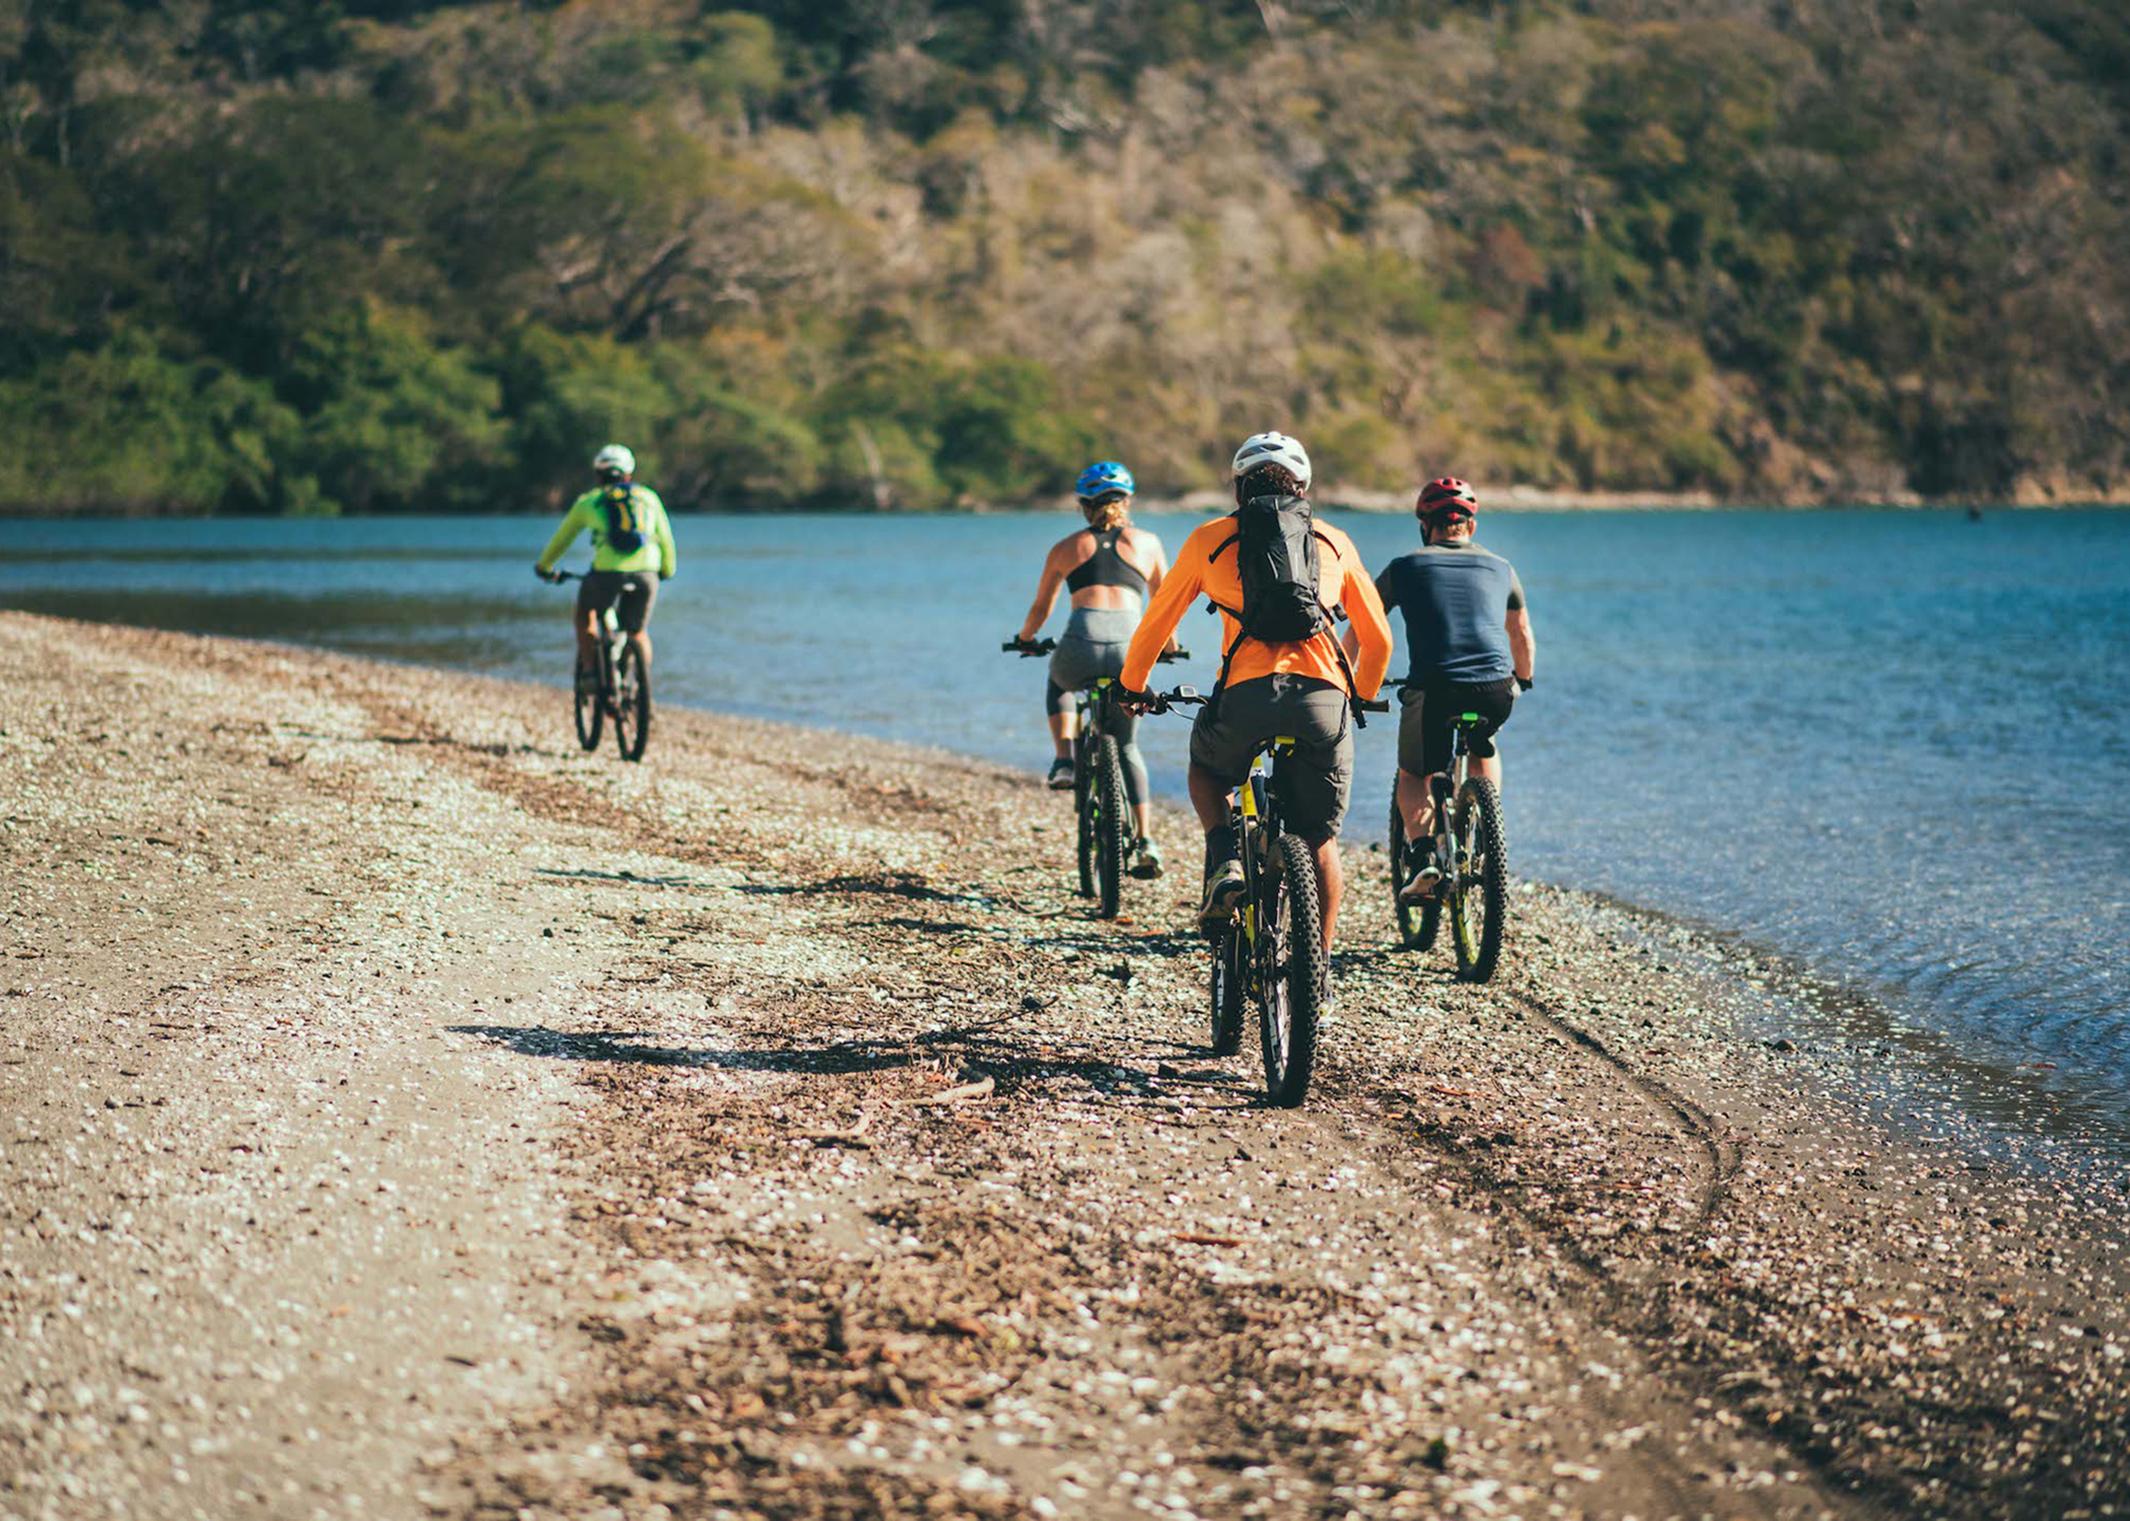 Coastal riding on Playa Palmares.